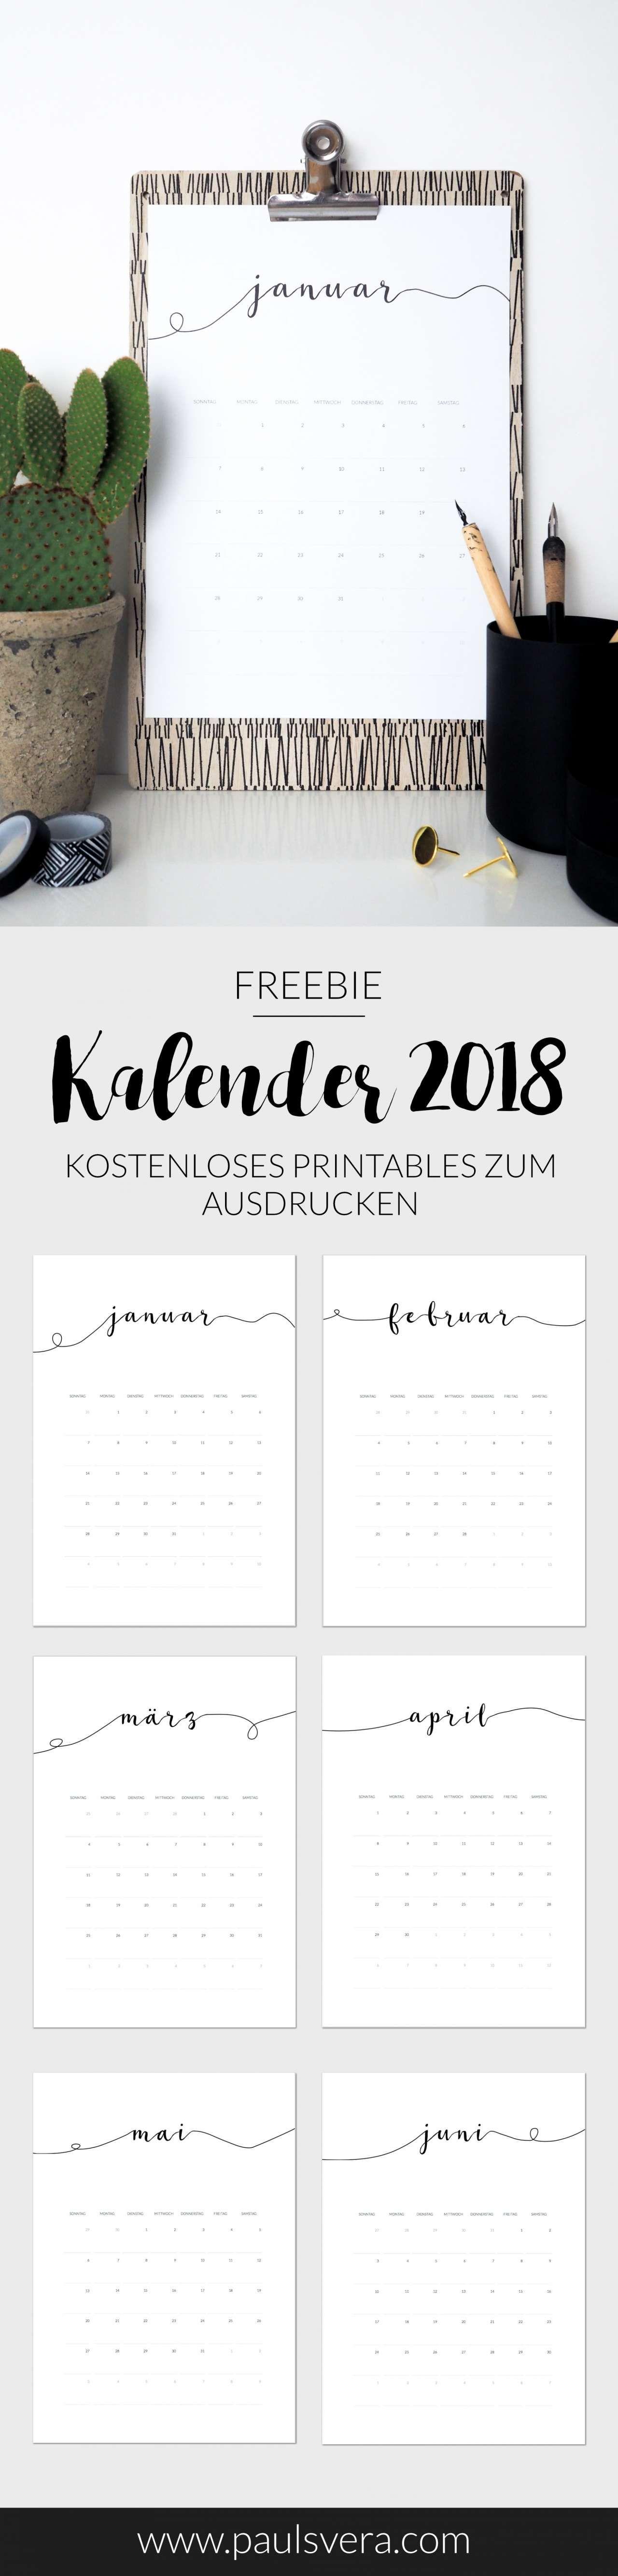 freebie kalender 2018 als kostenloses printables blog diy pinterest free calendar free. Black Bedroom Furniture Sets. Home Design Ideas